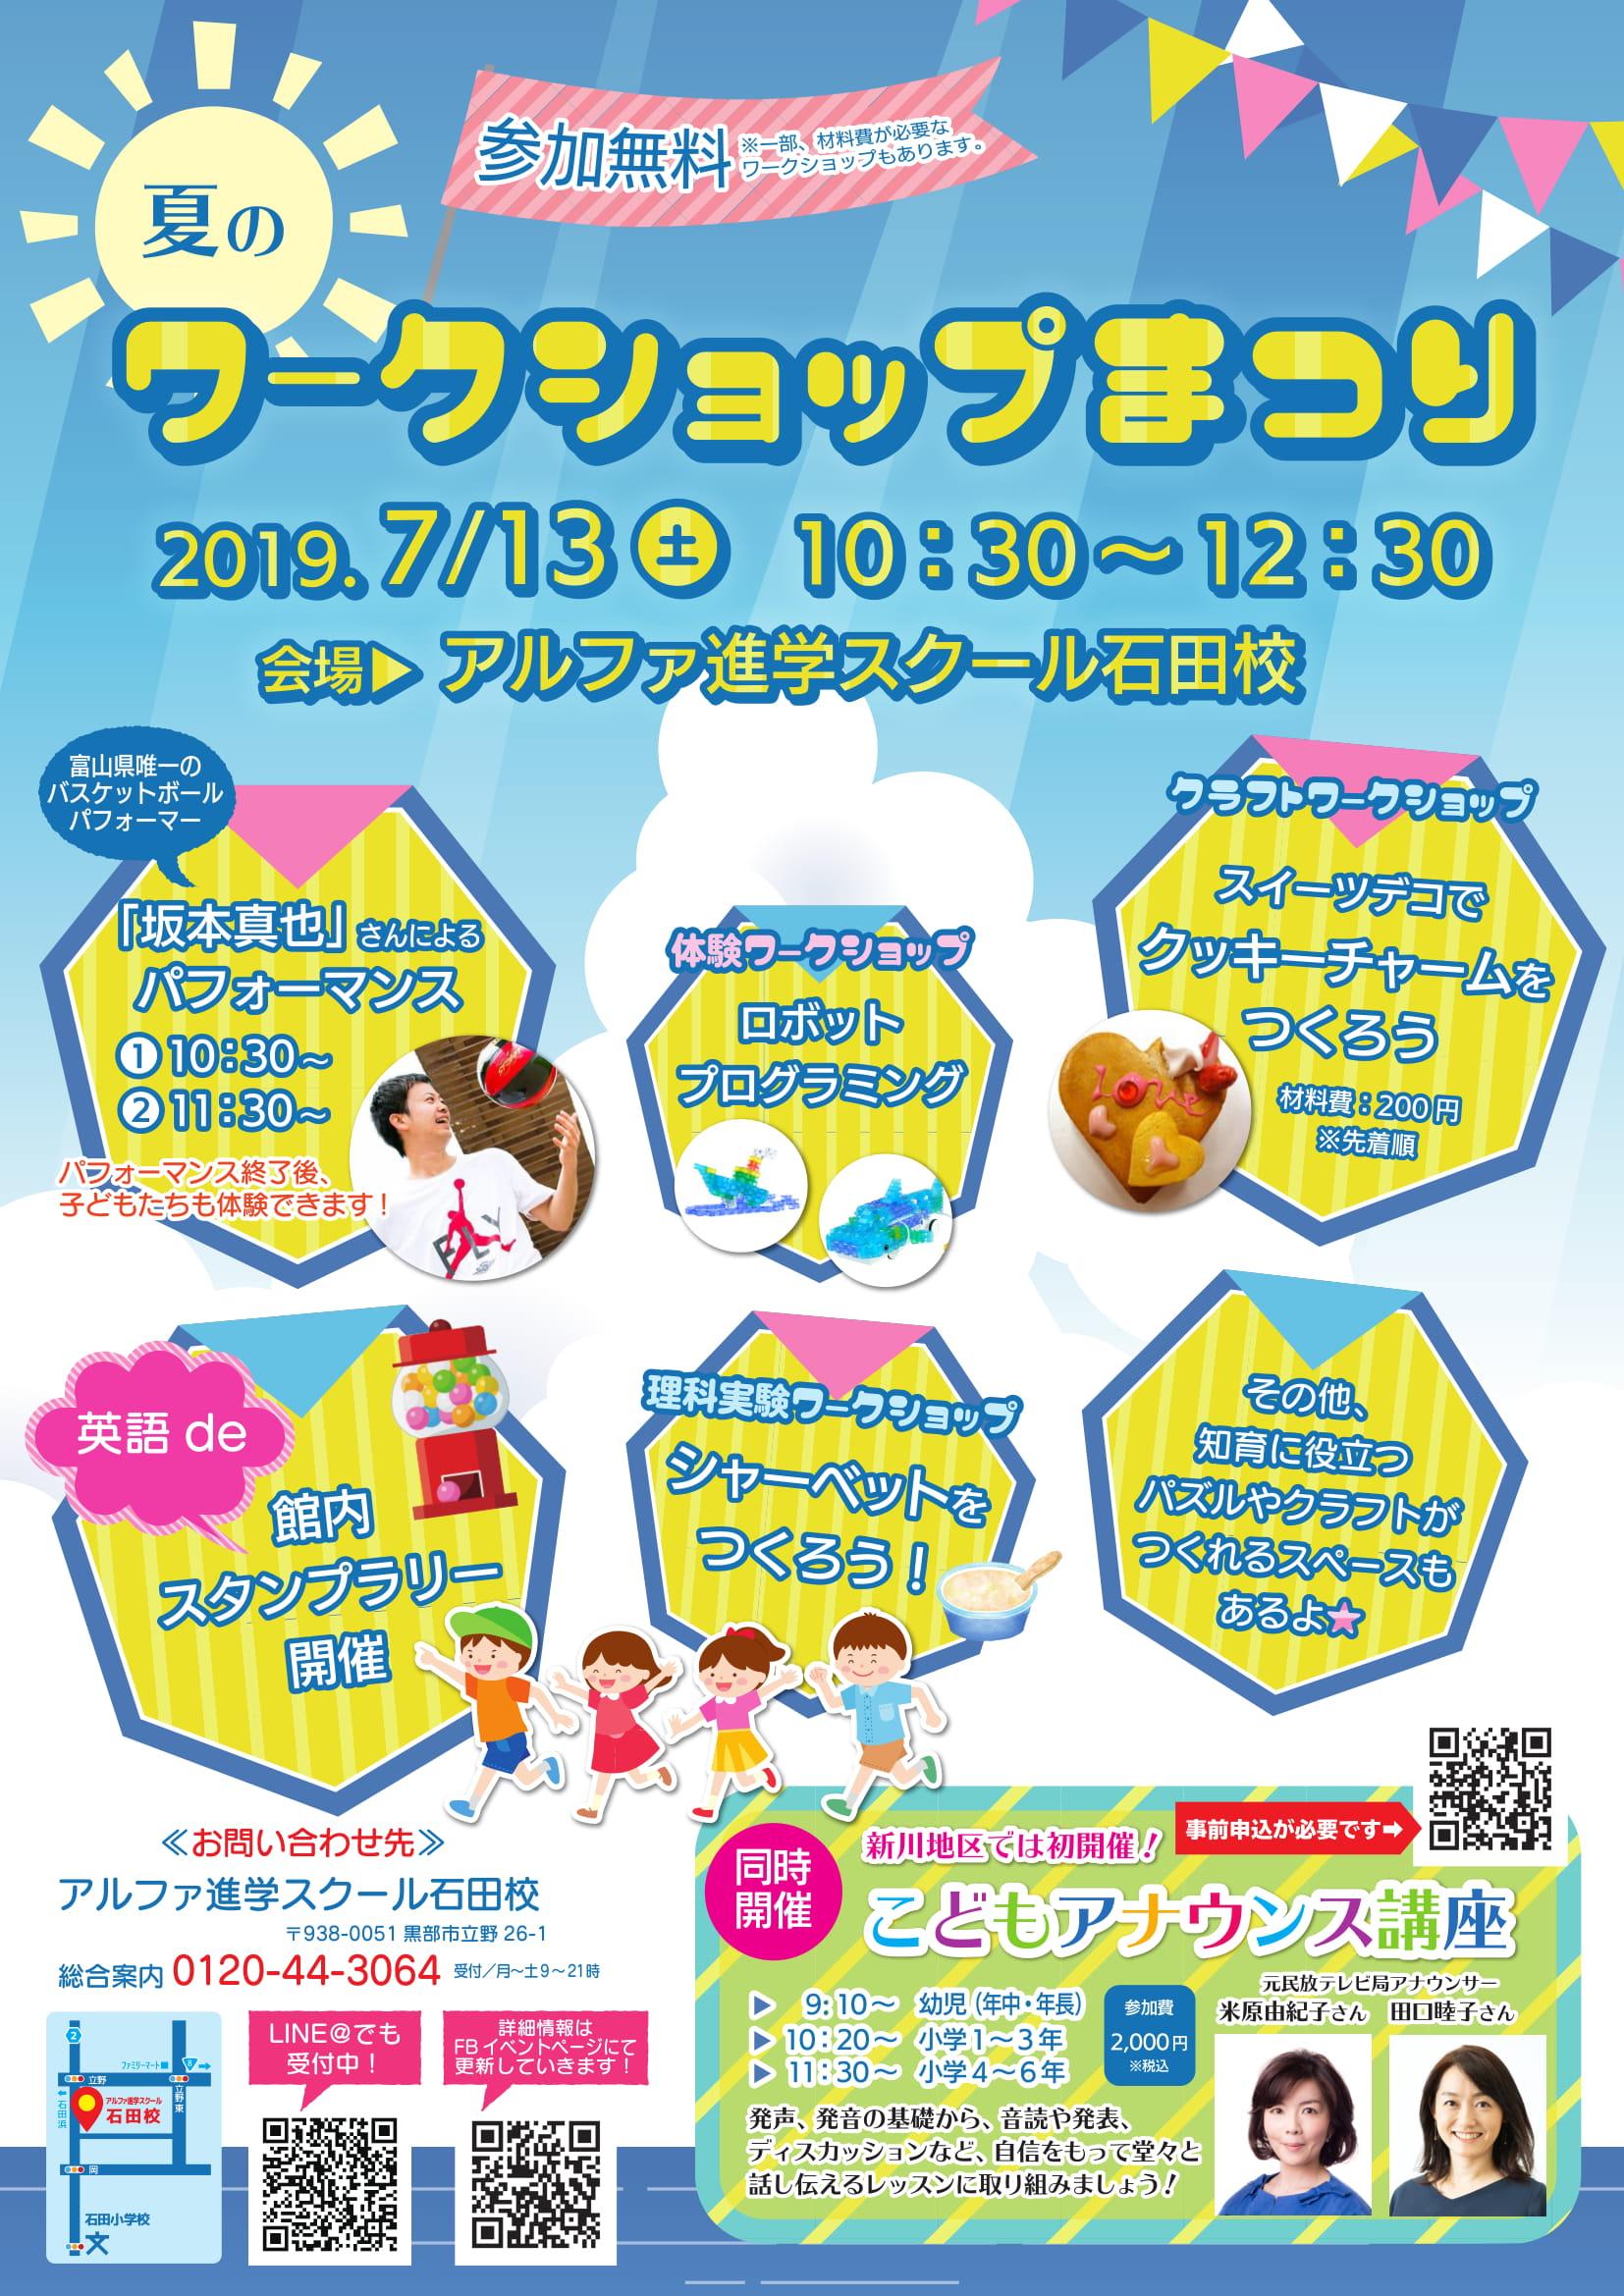 【イベント情報】7/13(土)夏のワークショップまつり開催!